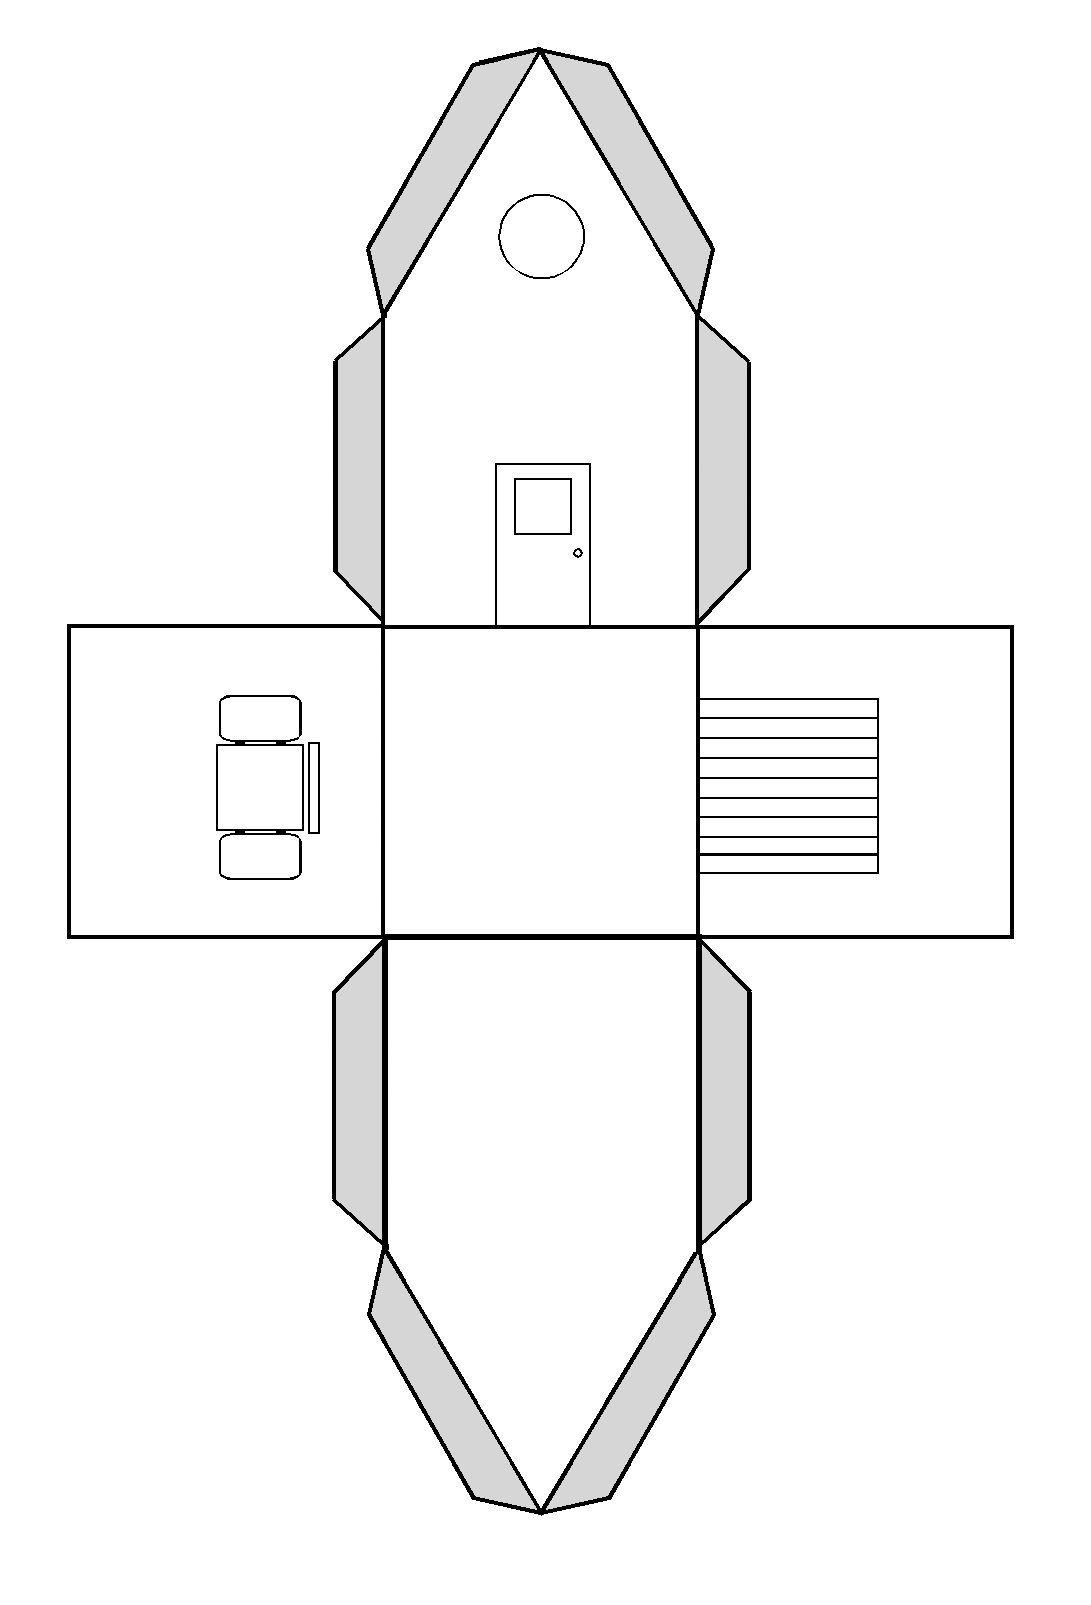 Faire Une Maison En Volume Par Pliage Et Collage (Avec à Patron De Maison En Papier A Imprimer